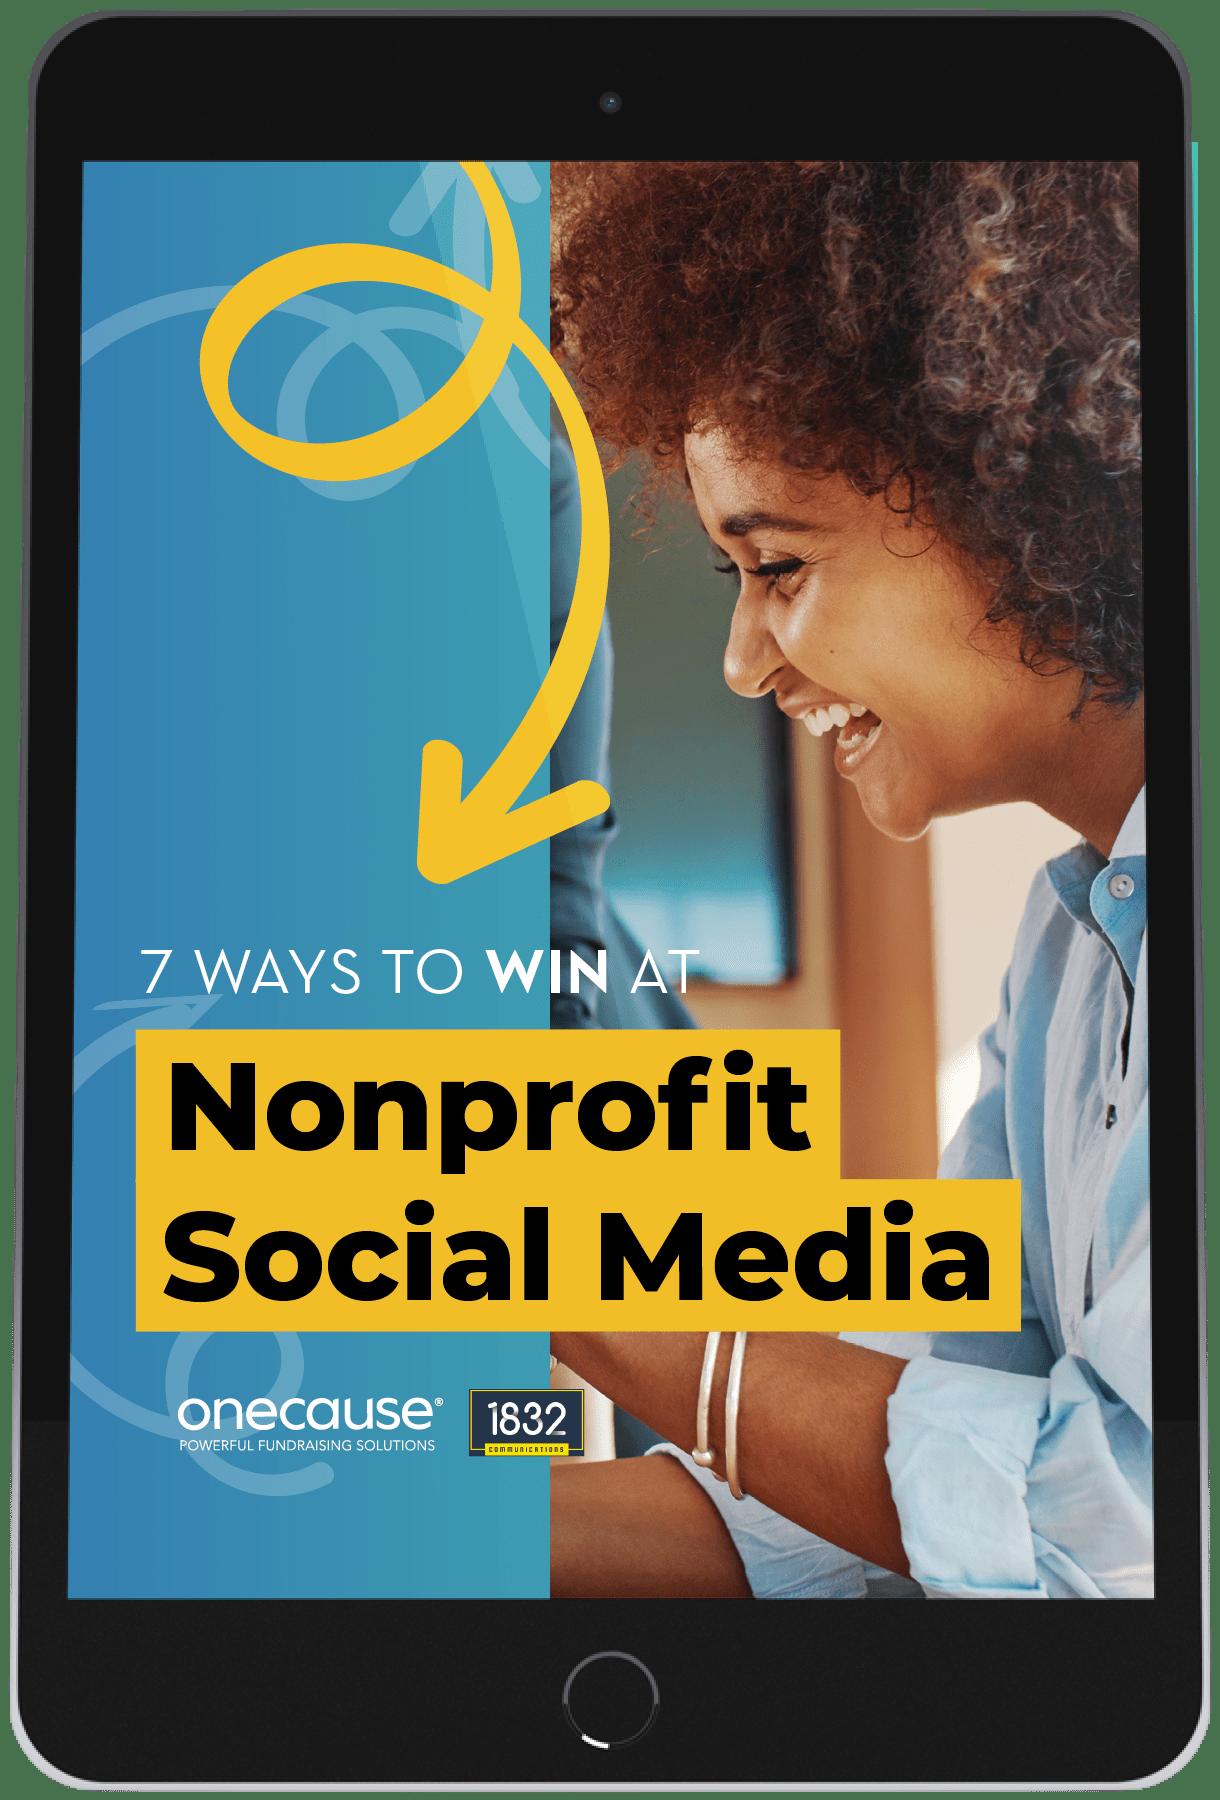 7 Ways to Win at Nonprofit Social Media